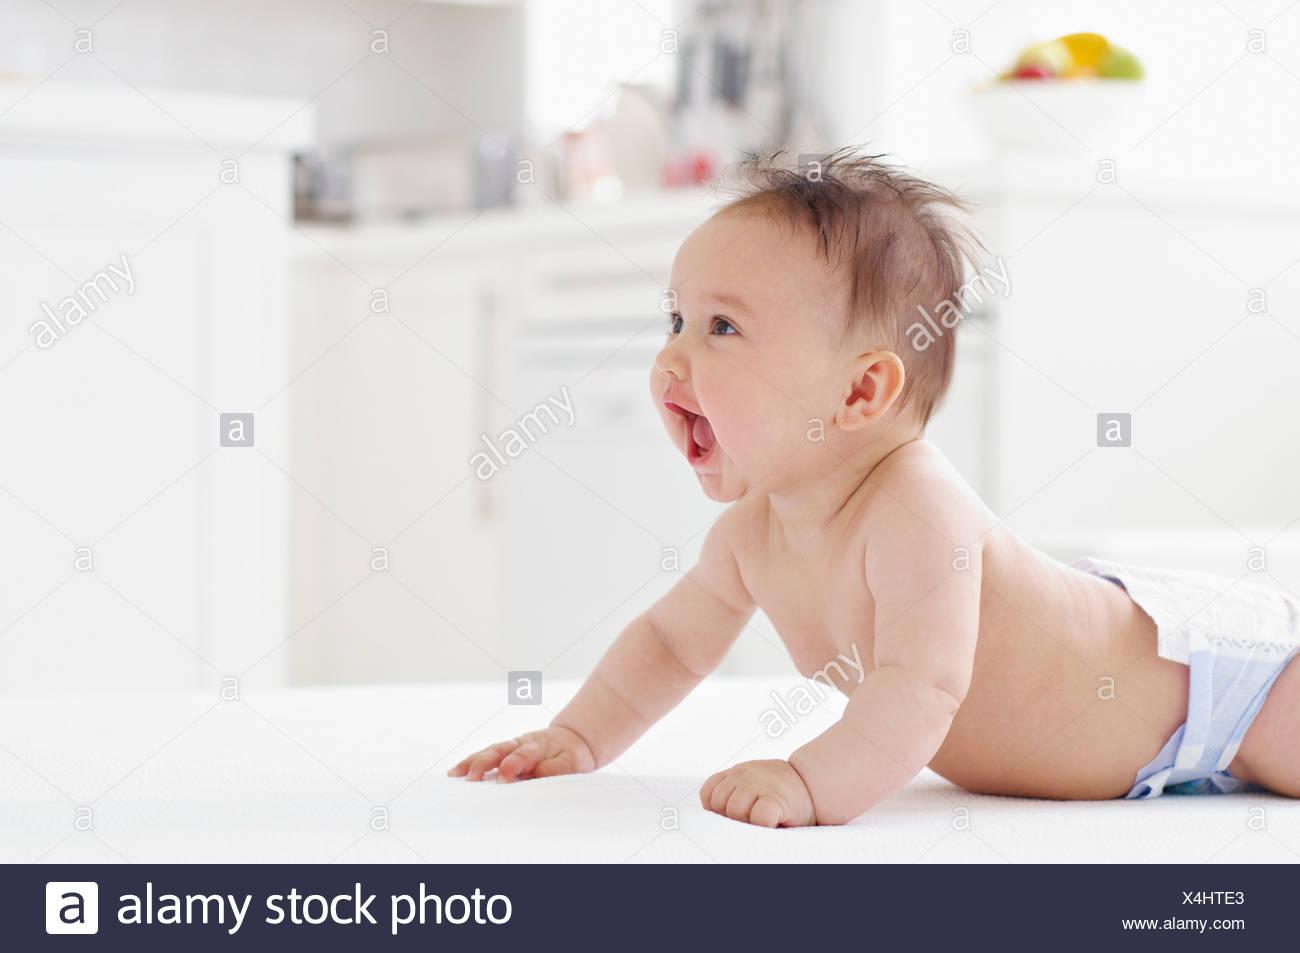 Happy baby girl - Stock Image